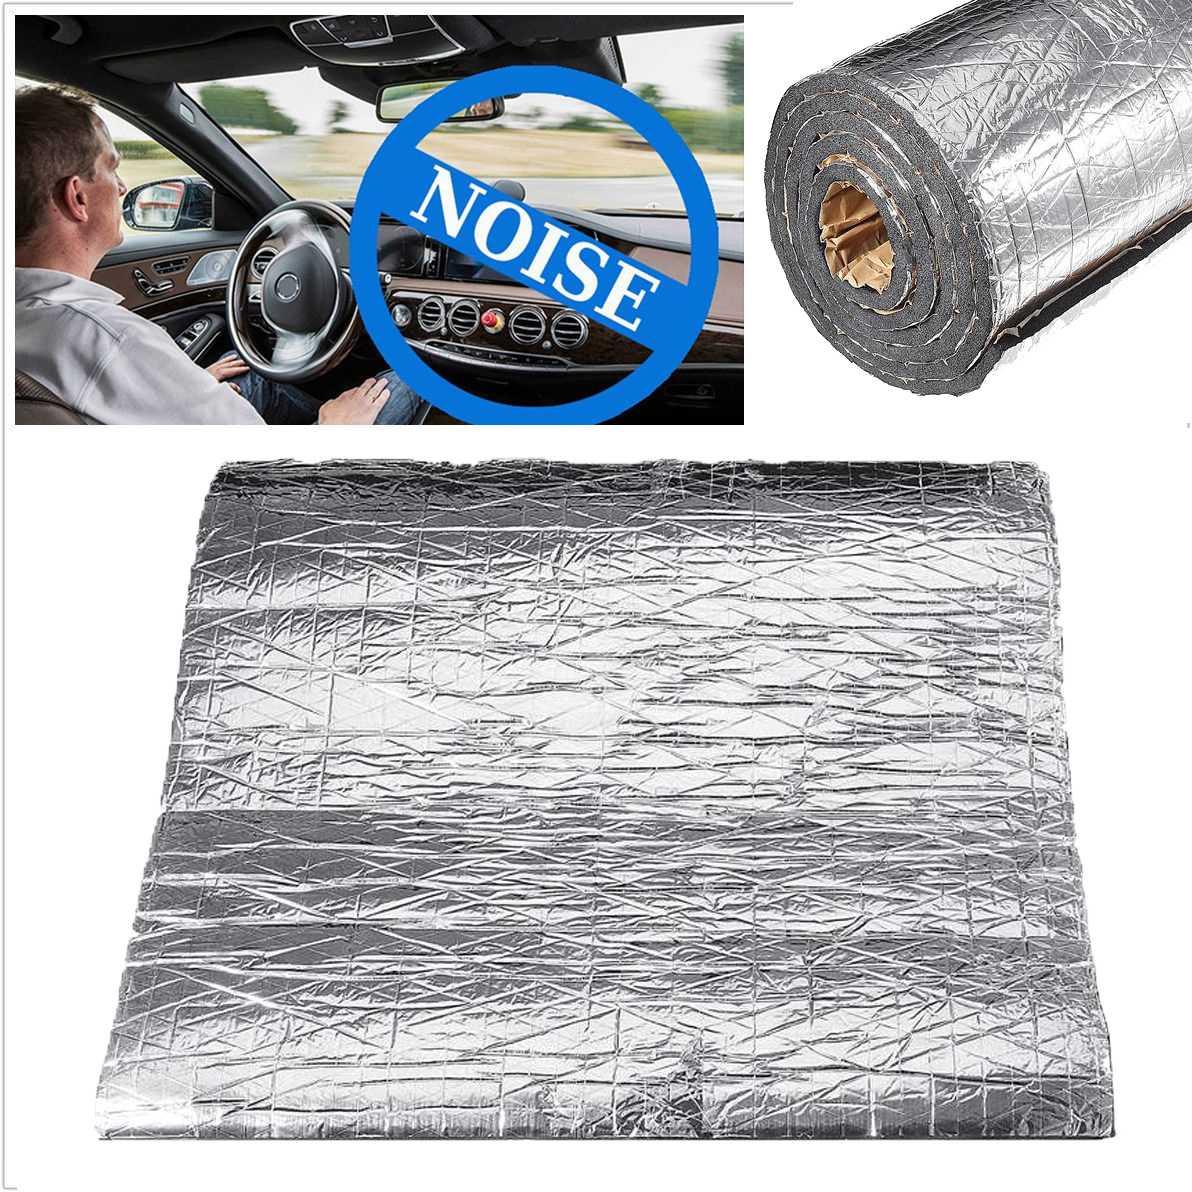 سجادة عازلة للصوت والحرارة للسيارة ، 200 × 50 سنتيمتر ، 7 مللي متر ، 10 مللي متر ، عازل للصوت